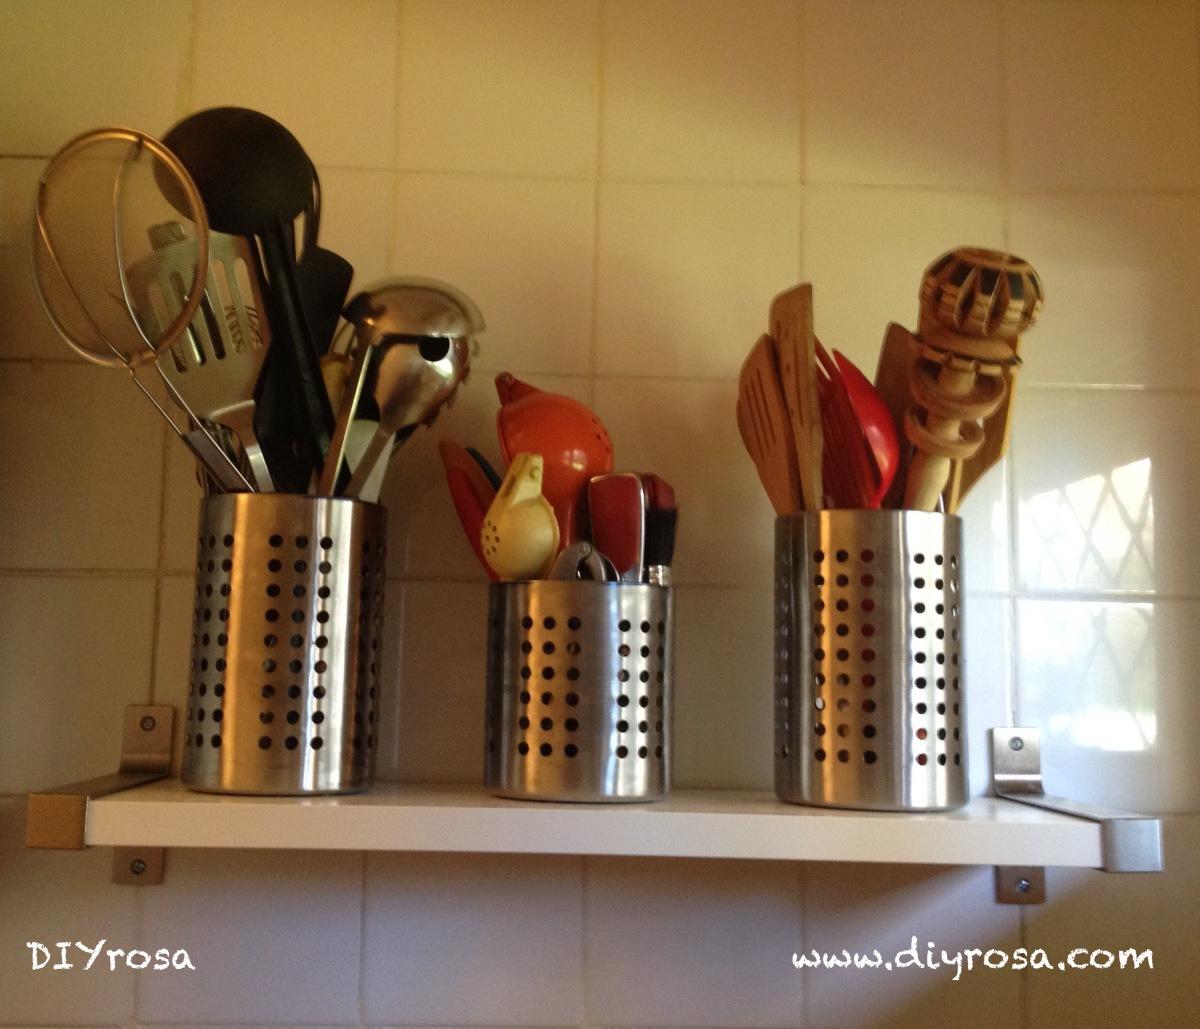 cucharas | DIYrosa